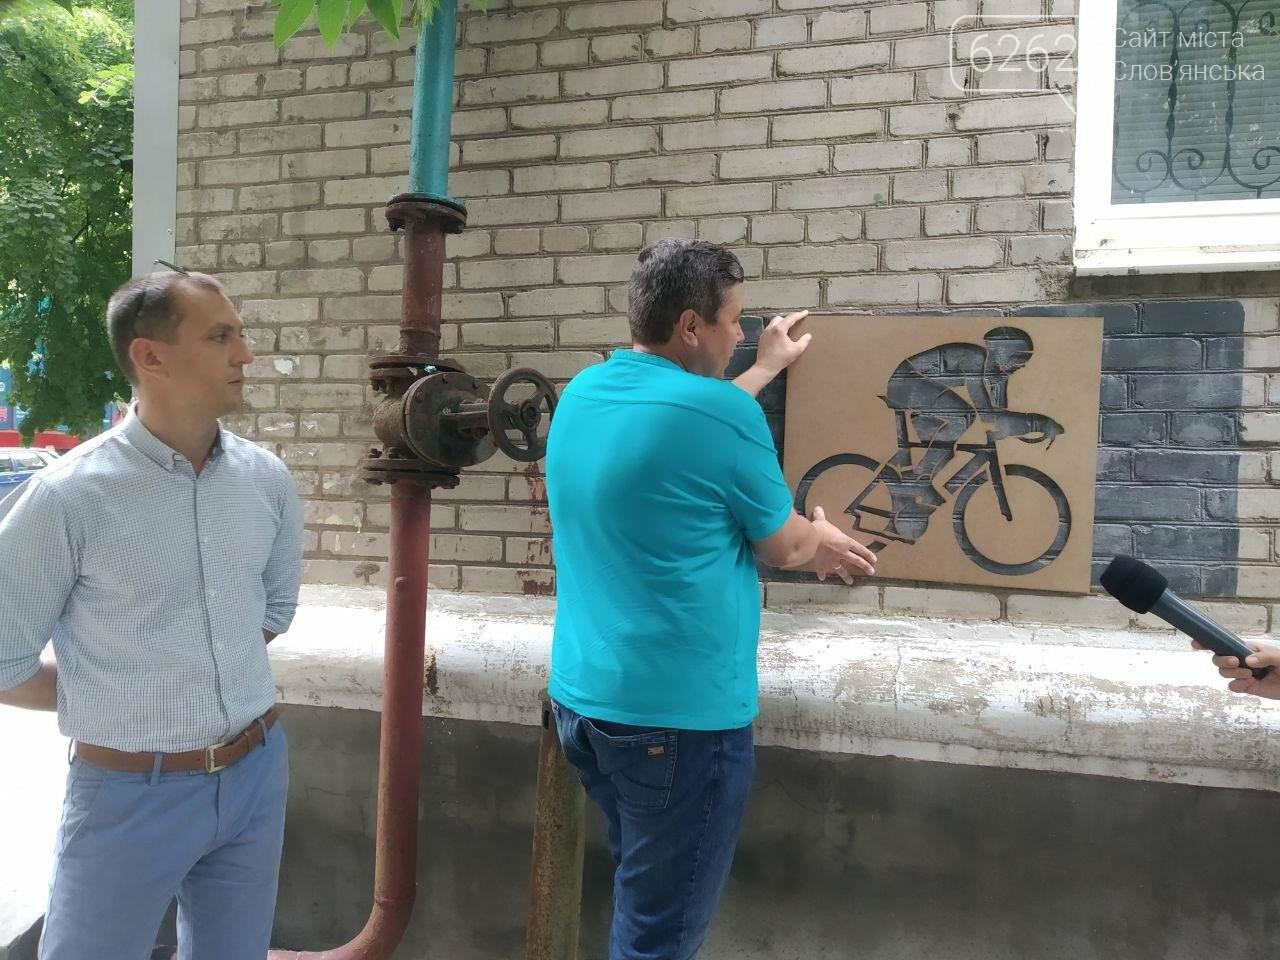 В Славянске рекламу наркотиков перекрывали рисунками, фото-6